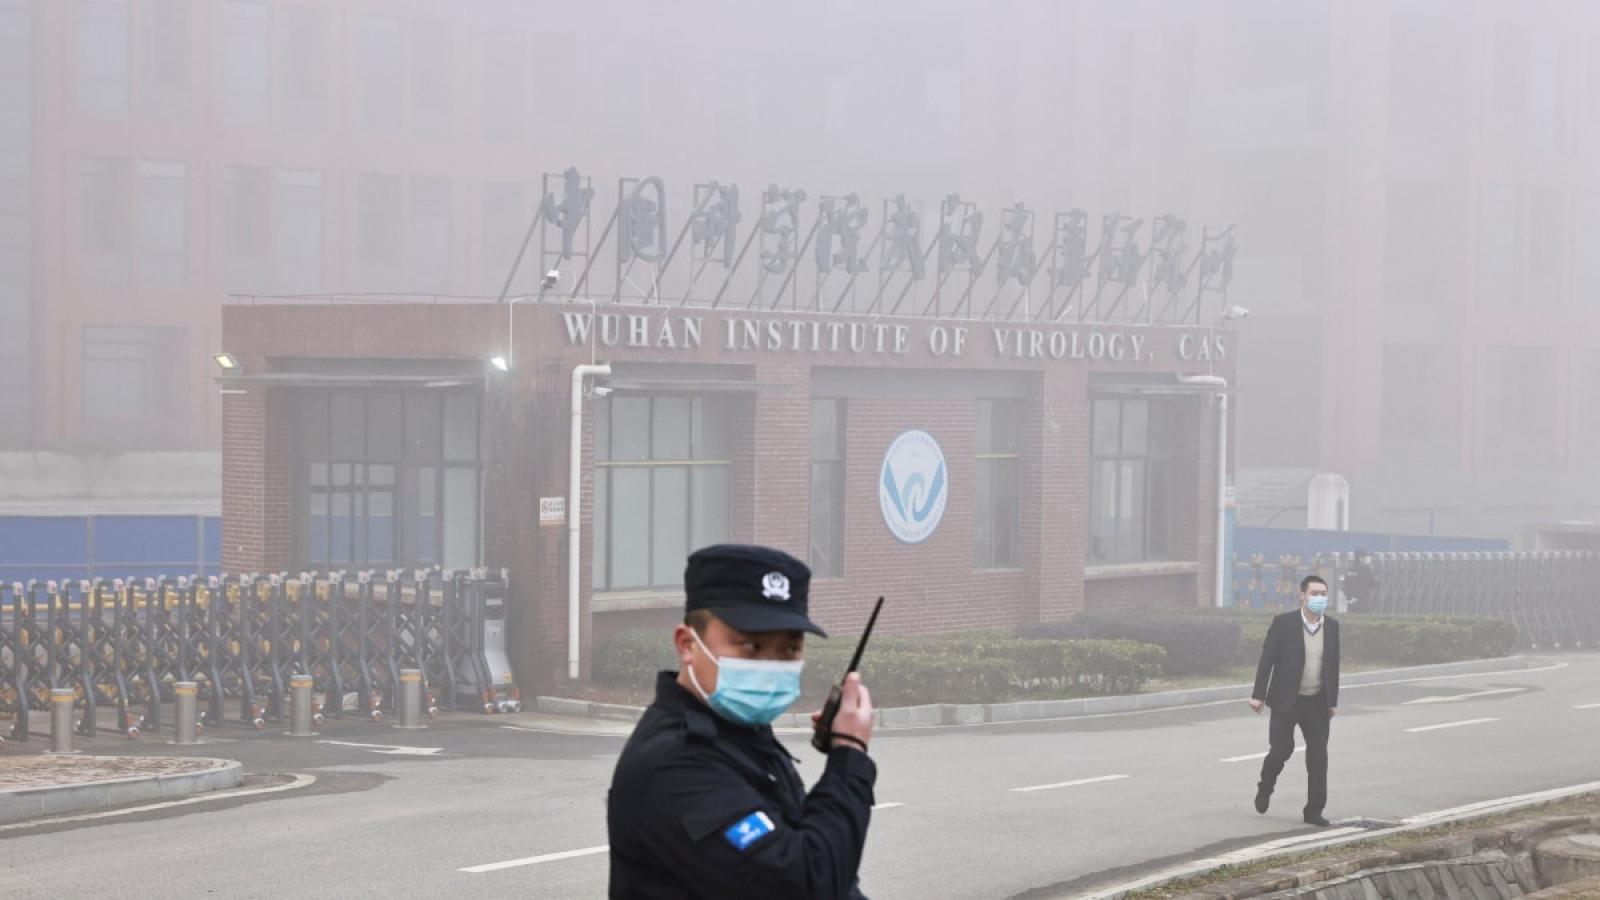 """Nghiên cứu của Mỹ: Giả thuyết SARS-CoV-2 rò rỉ từ phòng thí nghiệm Vũ Hán là """"hợp lý"""""""